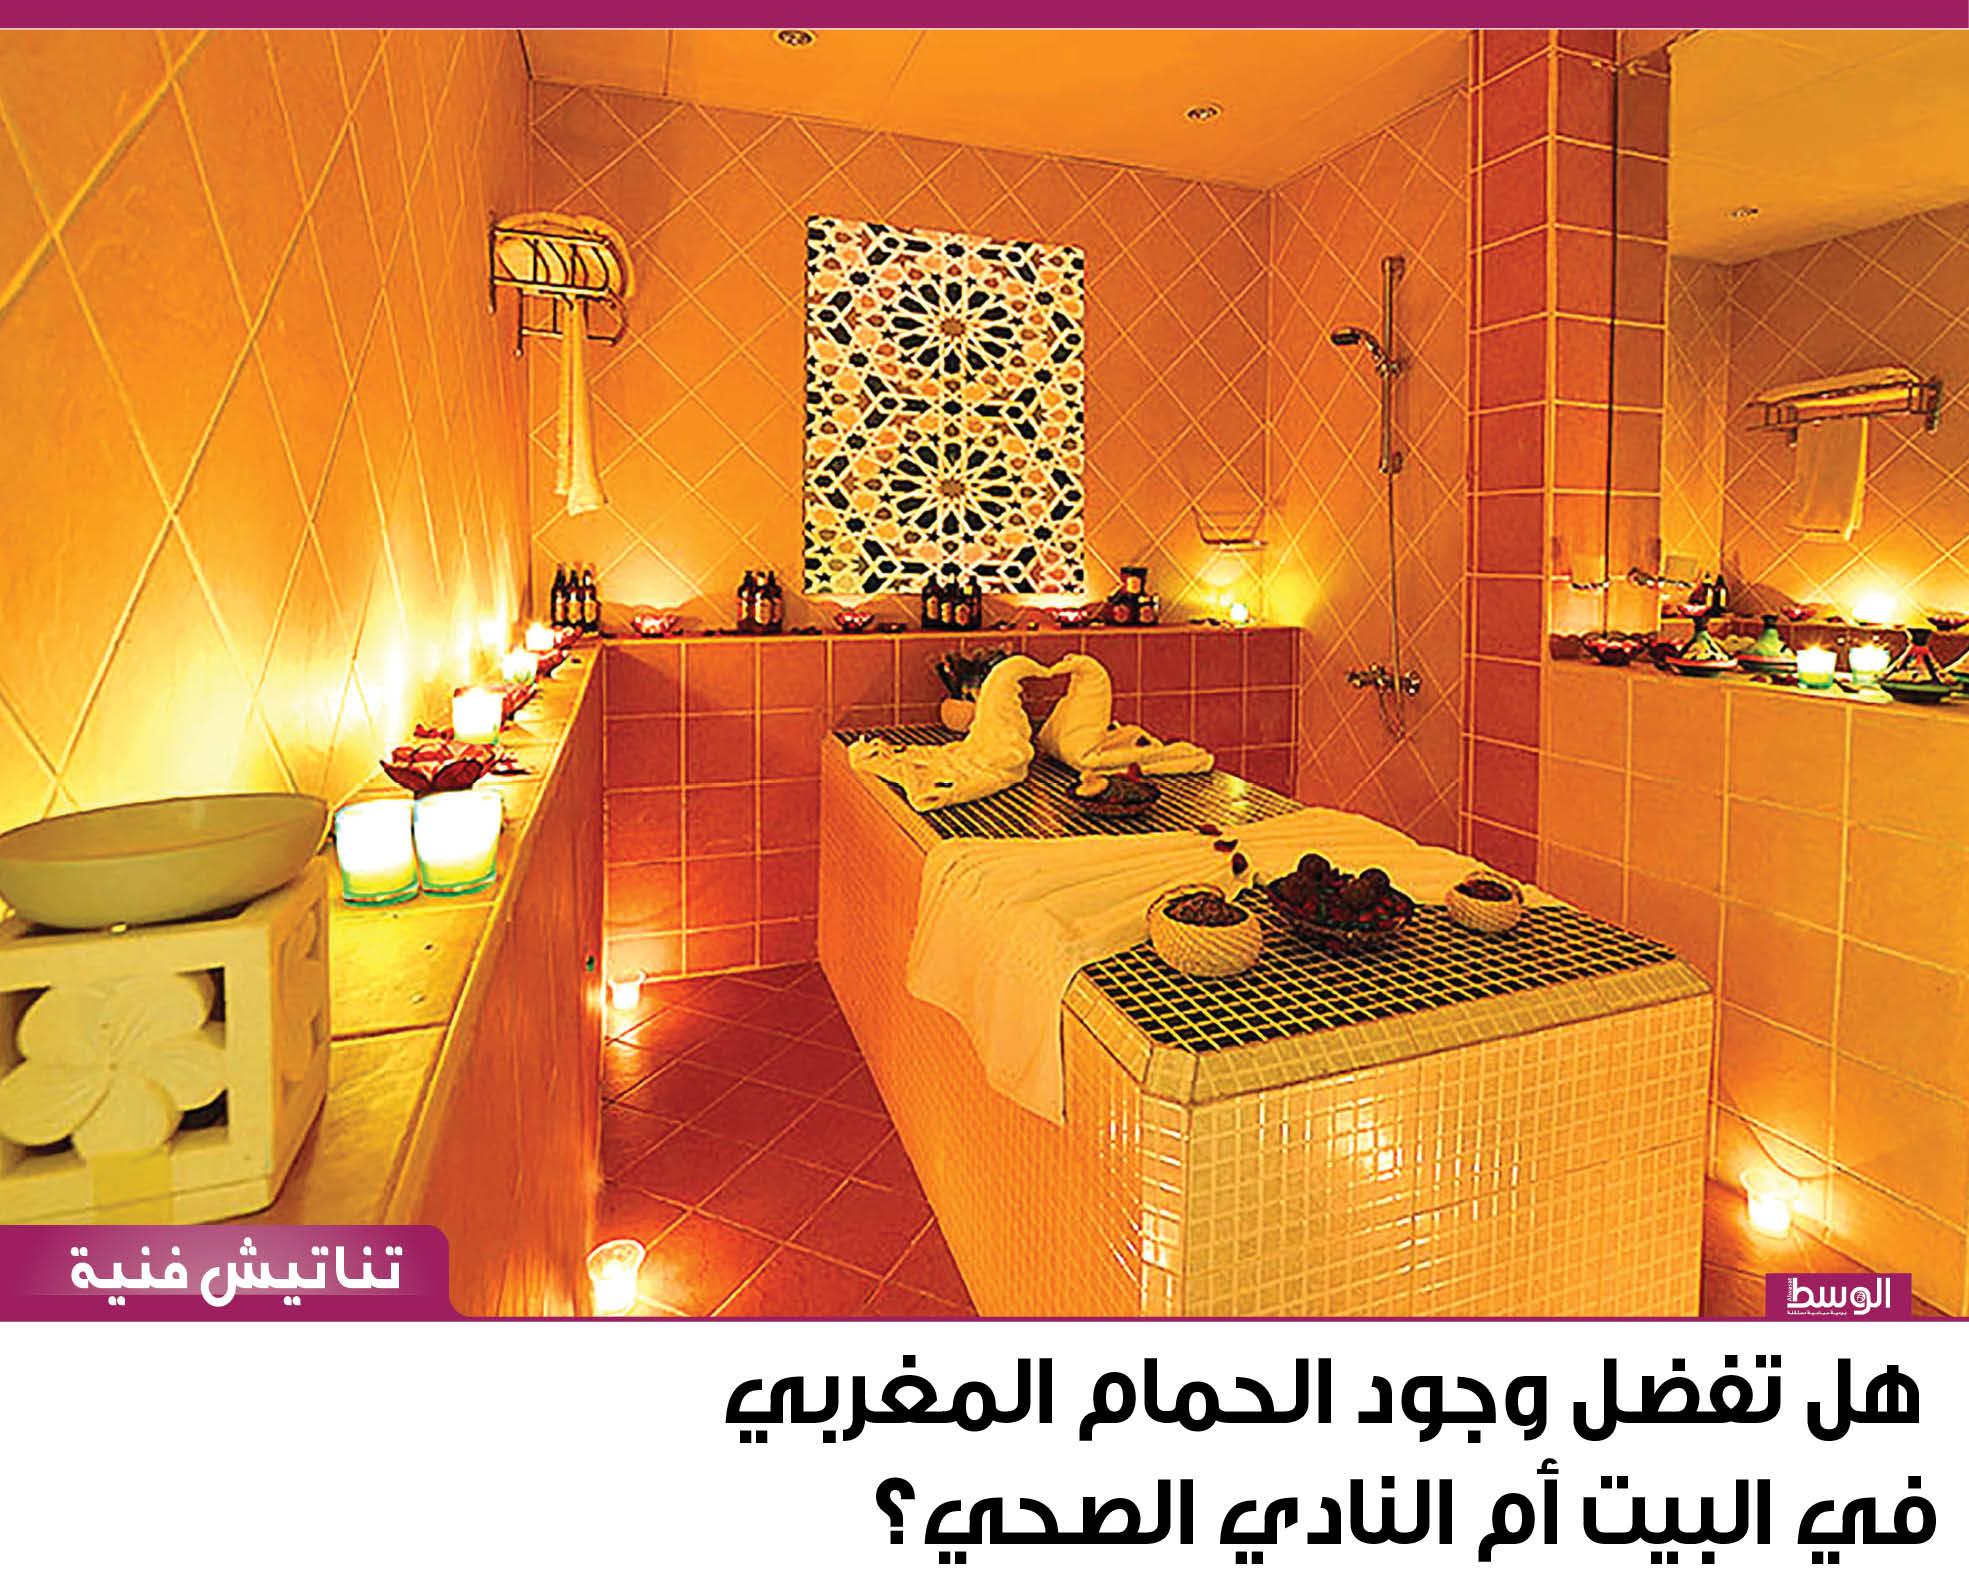 هل تفضل وجود الحمام المغربي في البيت أم النادي الصحي منوعات صحيفة الوسط البحرينية مملكة البحرين